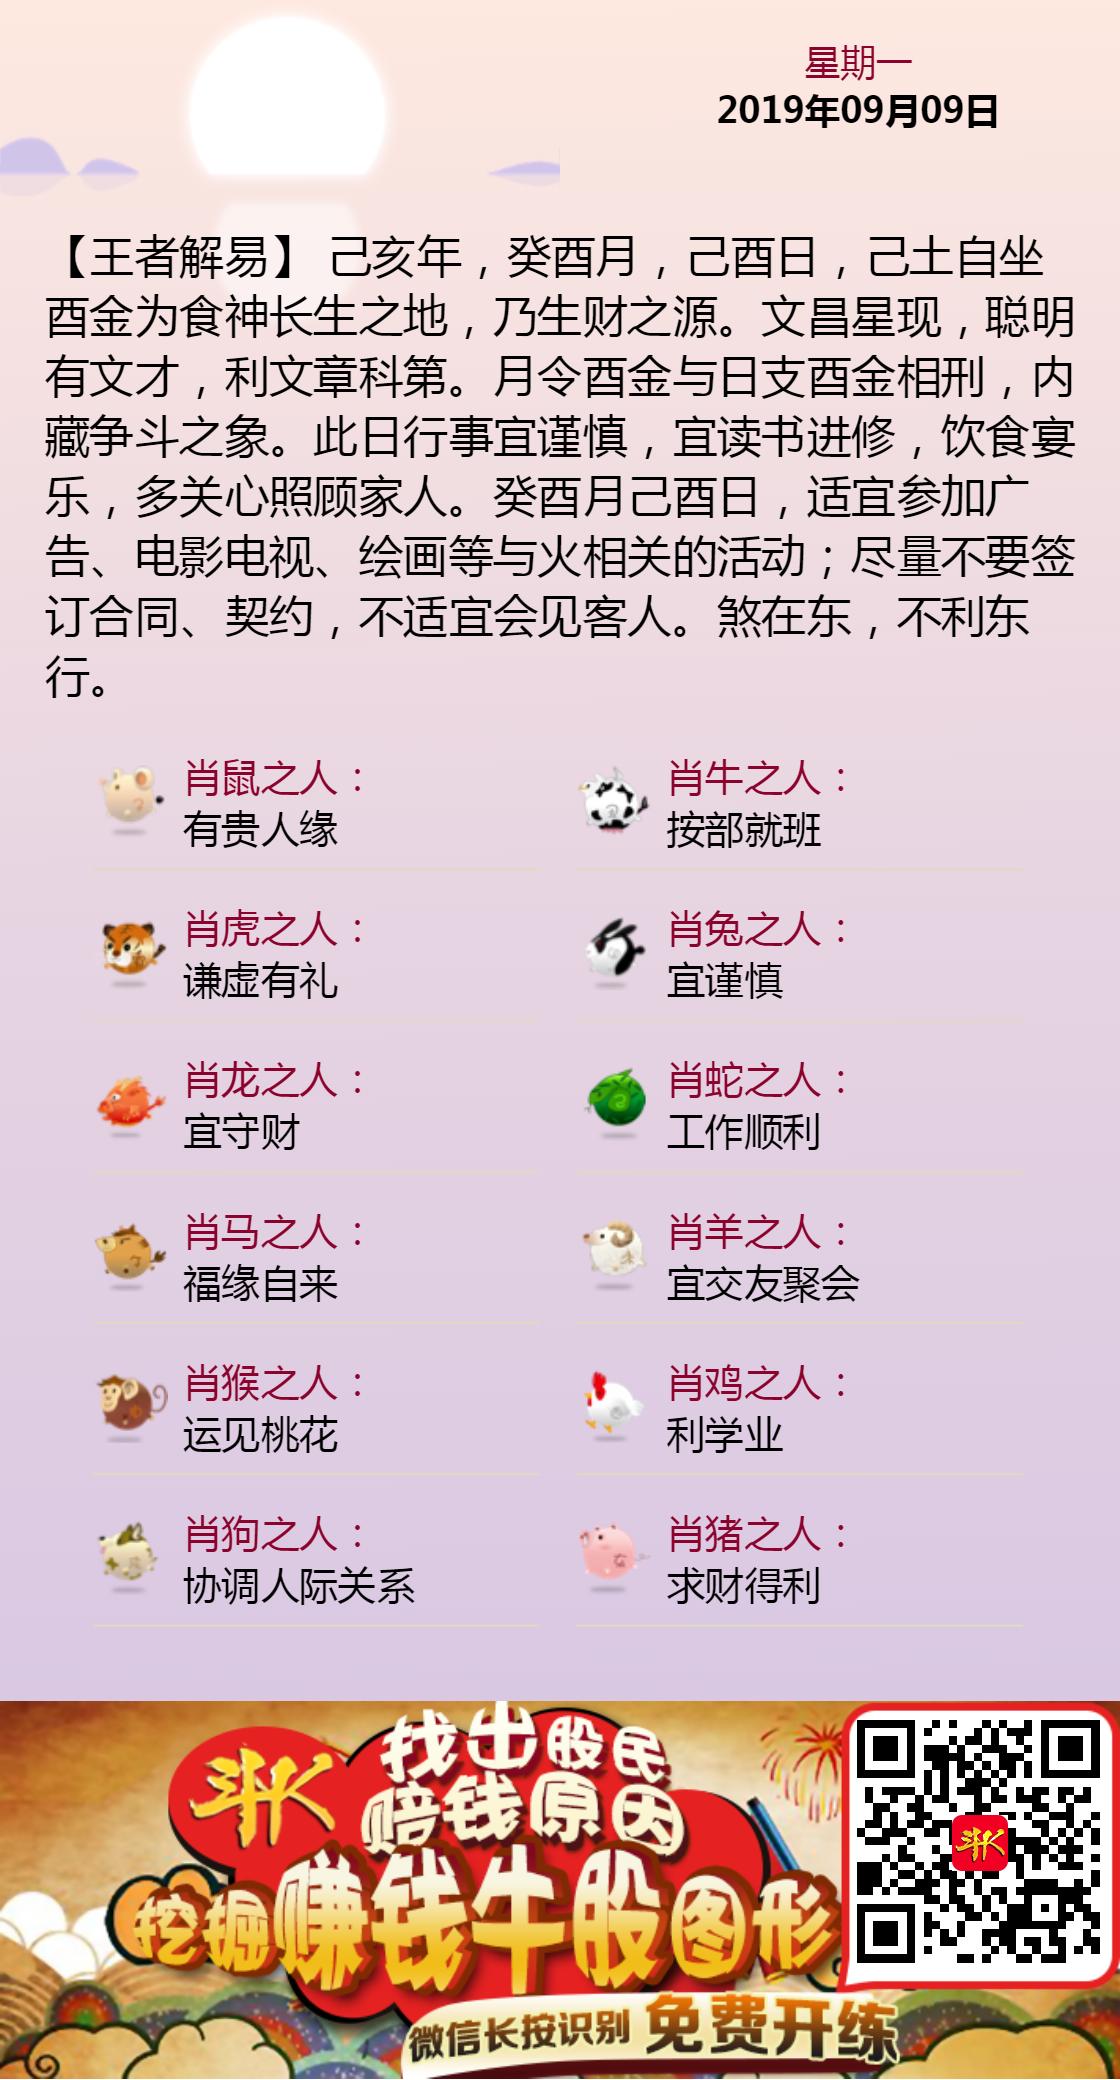 2019.9.9黄历斗K.png